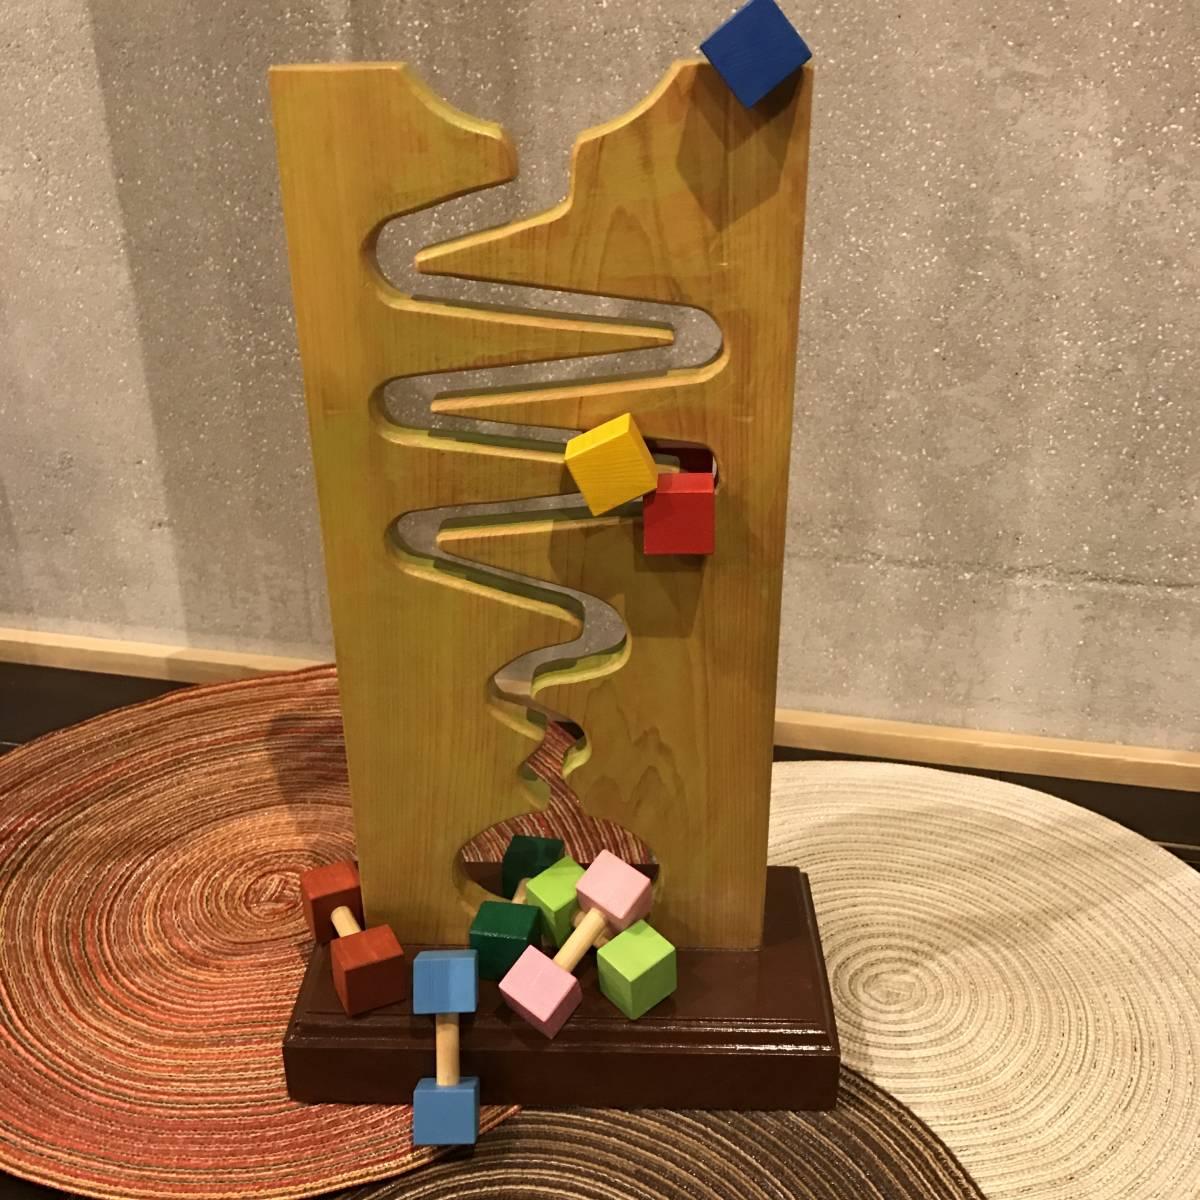 ハンドメイド 手作り ウッド 木工 子どもの知育玩具 くねくねコロコロ遊び コマ8個セット